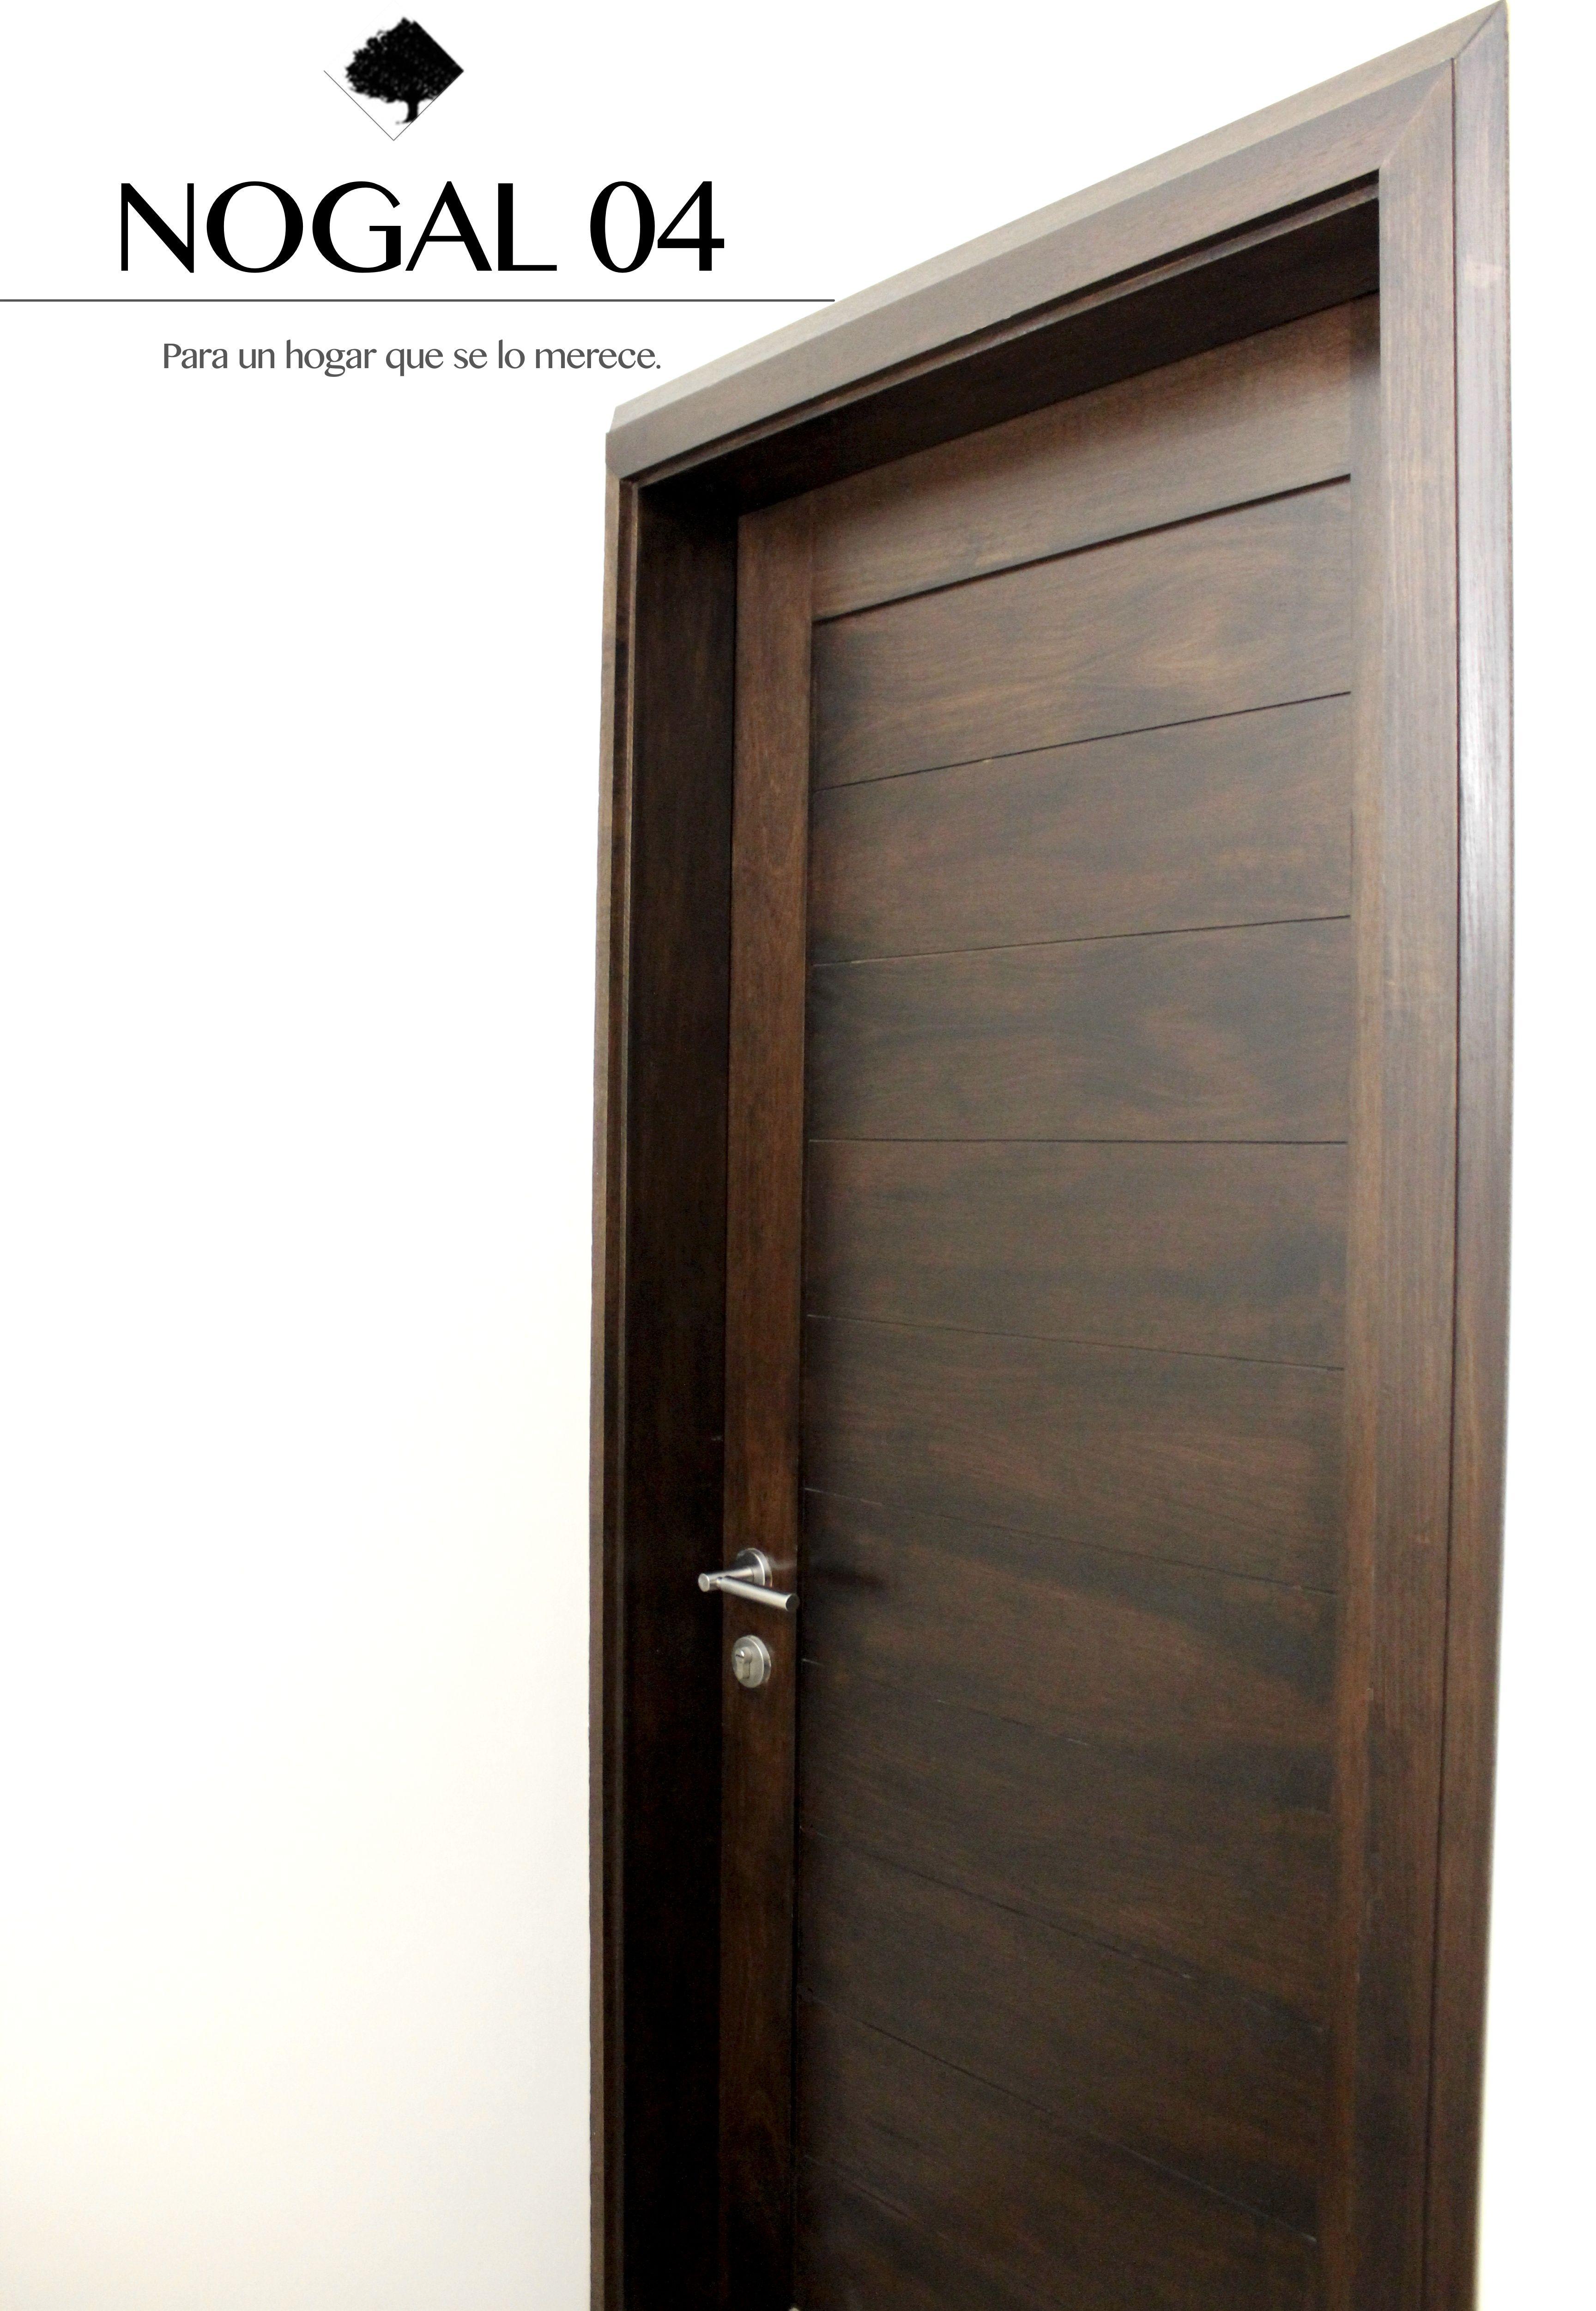 Nogal 04 puertas contempor neas en madera banack for Puertas color madera